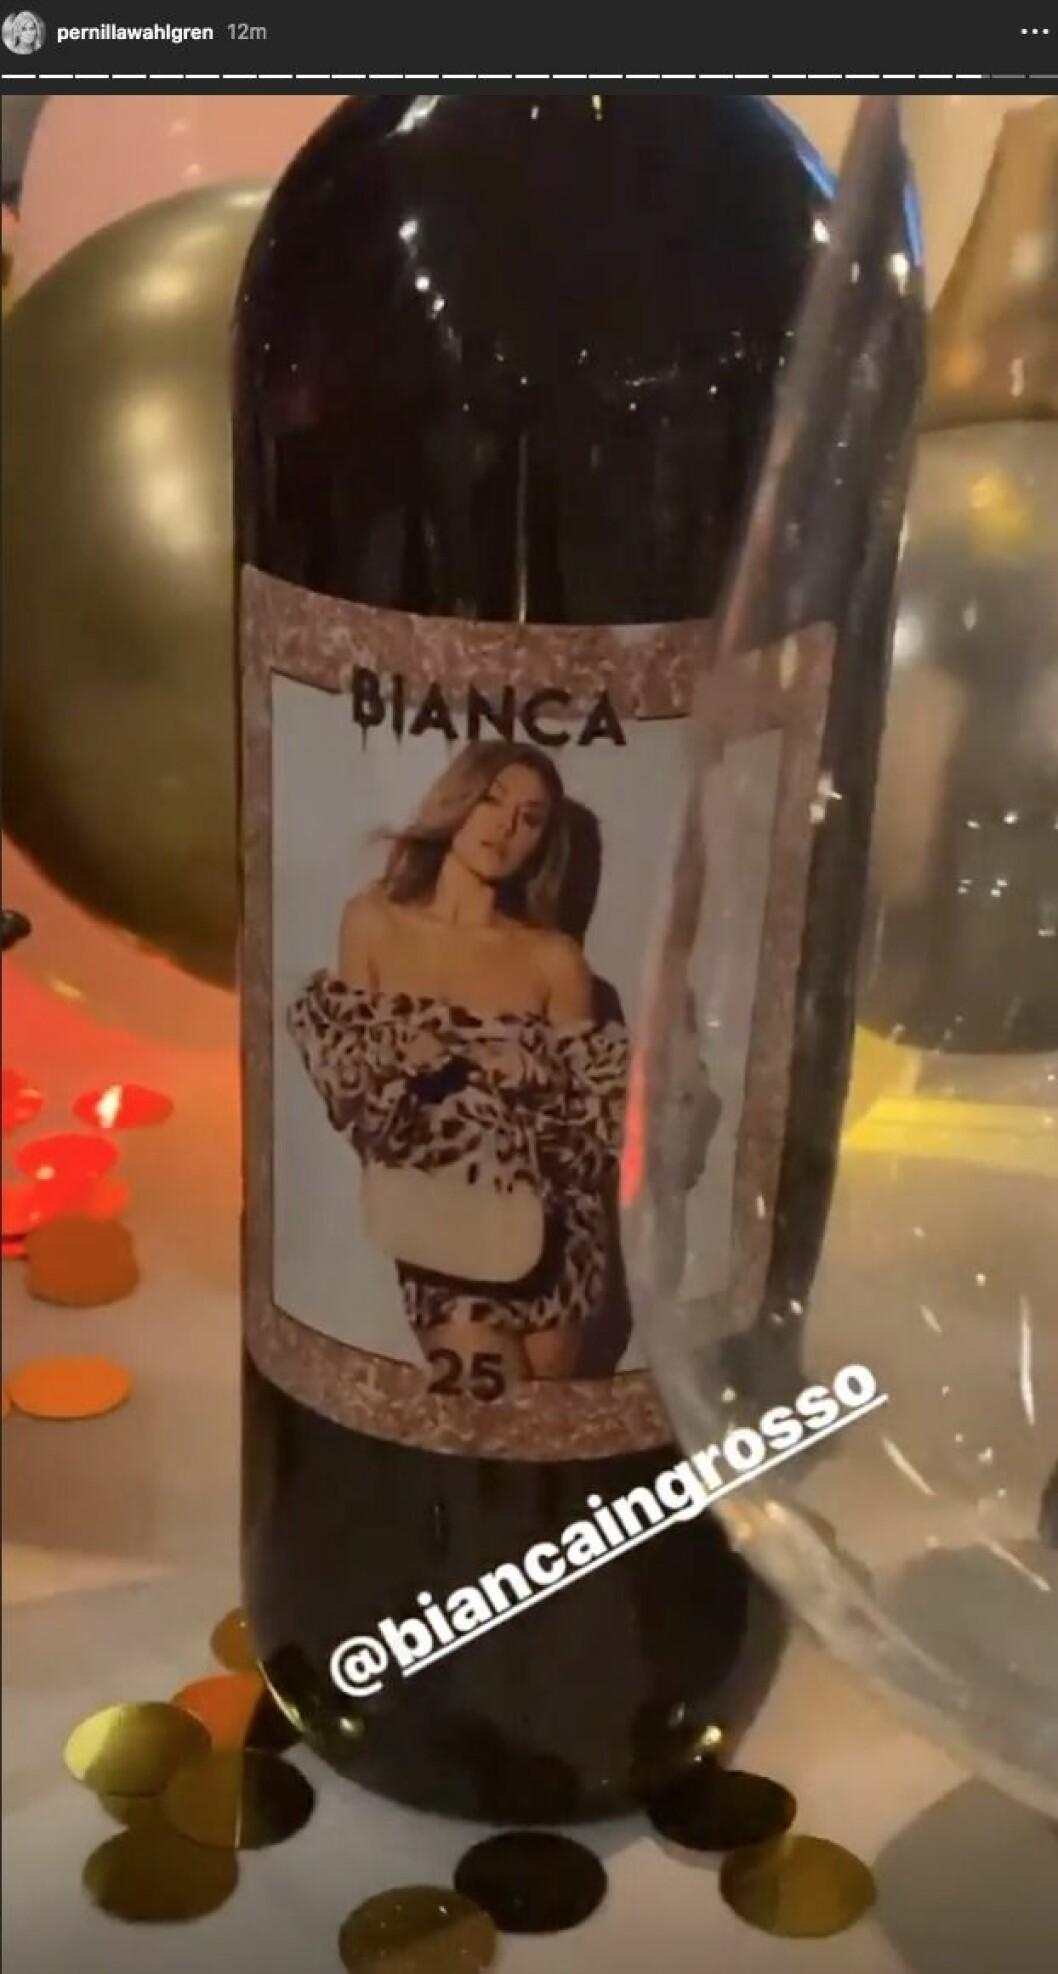 Bianca Ingrossos 25-årsfest på Fåfängan i Stockholm.